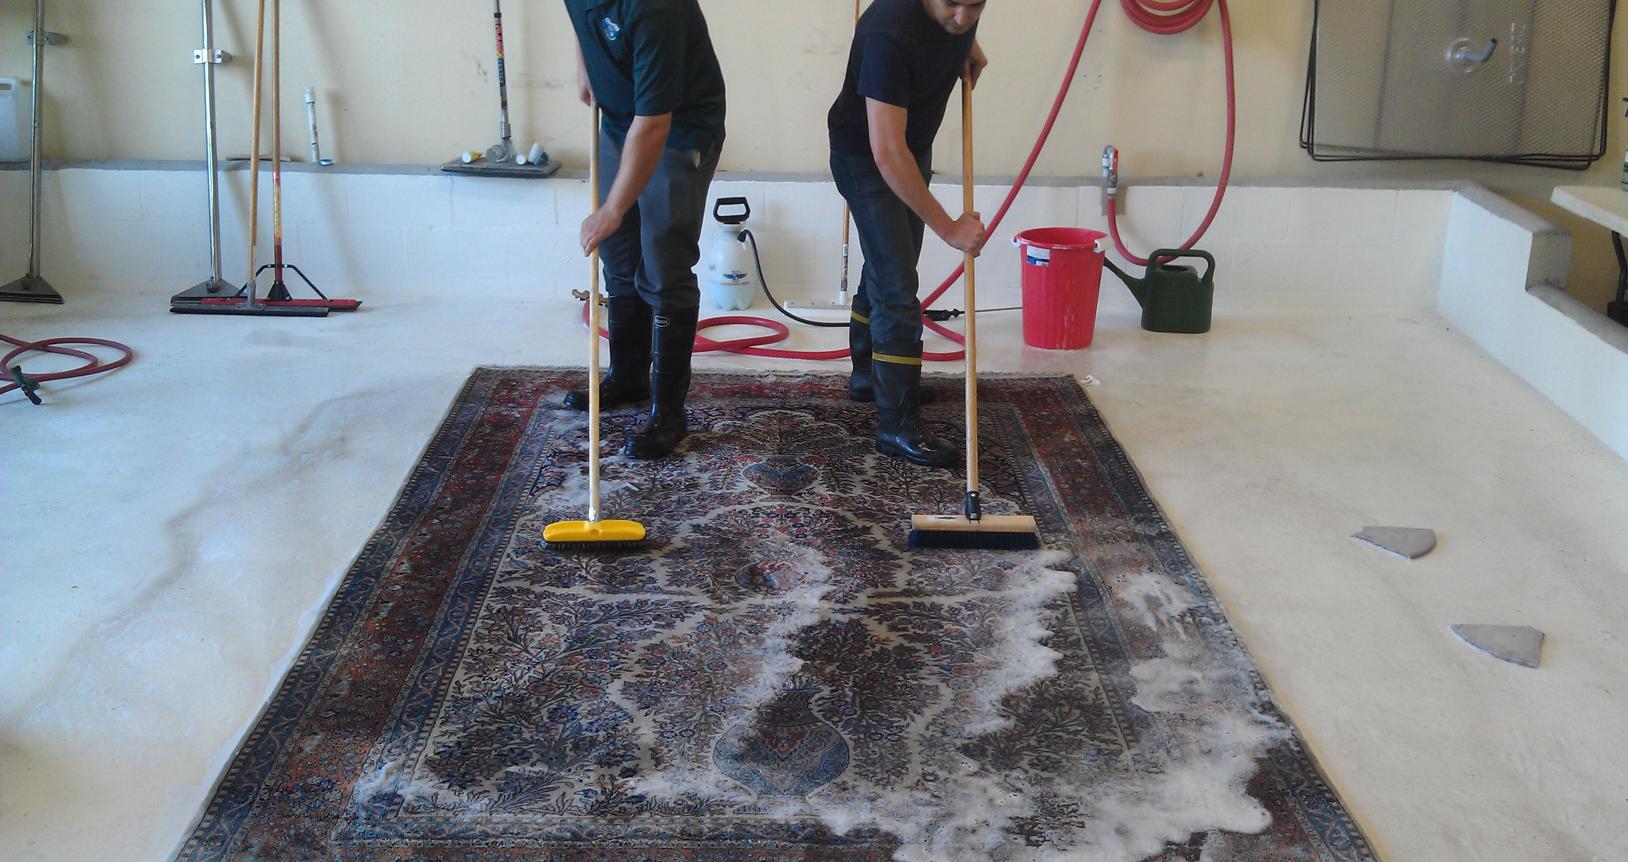 як організувати бізнес з чищення килимів